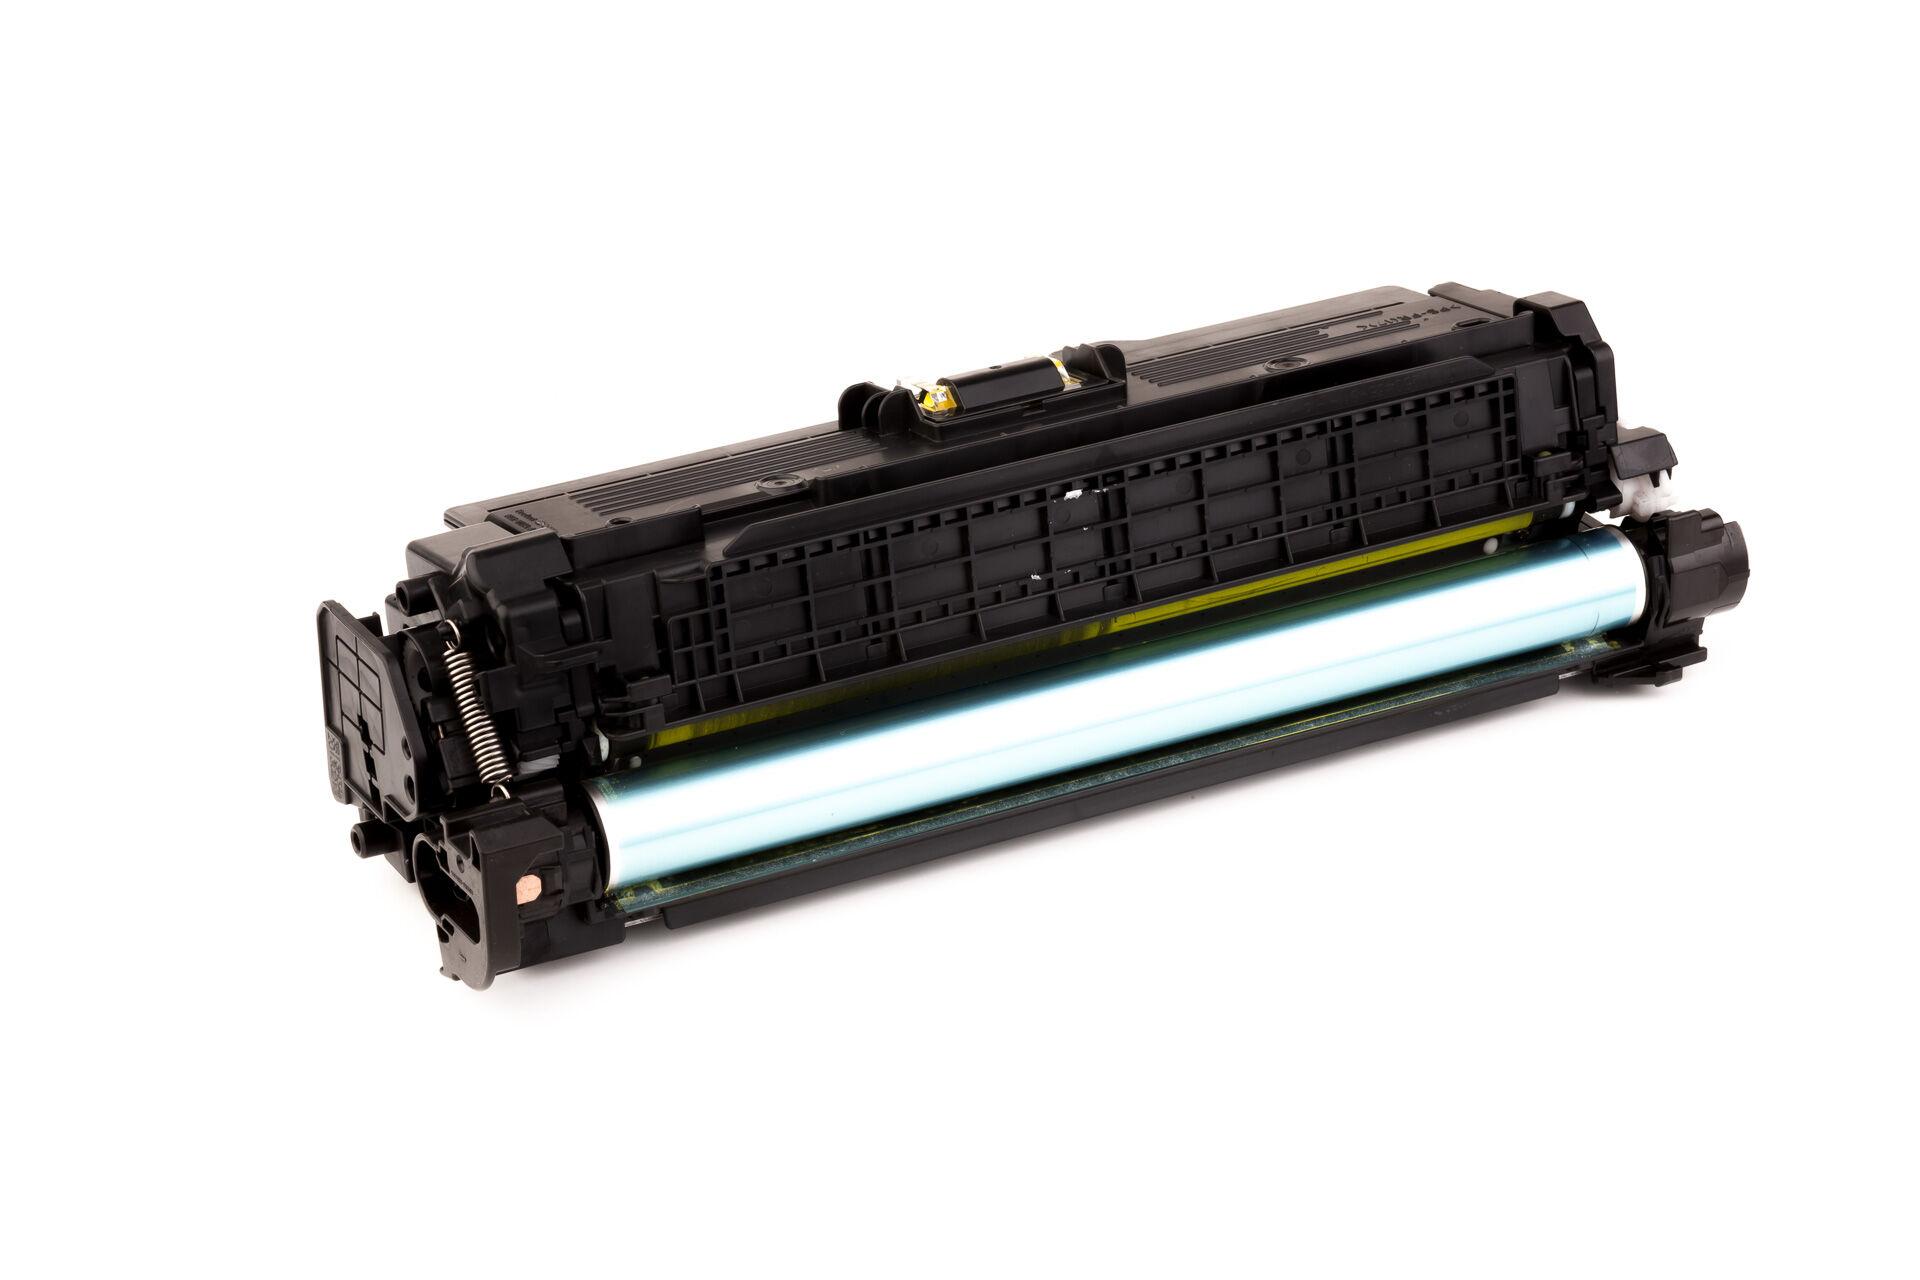 HP Cartouche de Toner pour HP CE252A / 504A jaune compatible (de marque ASC)